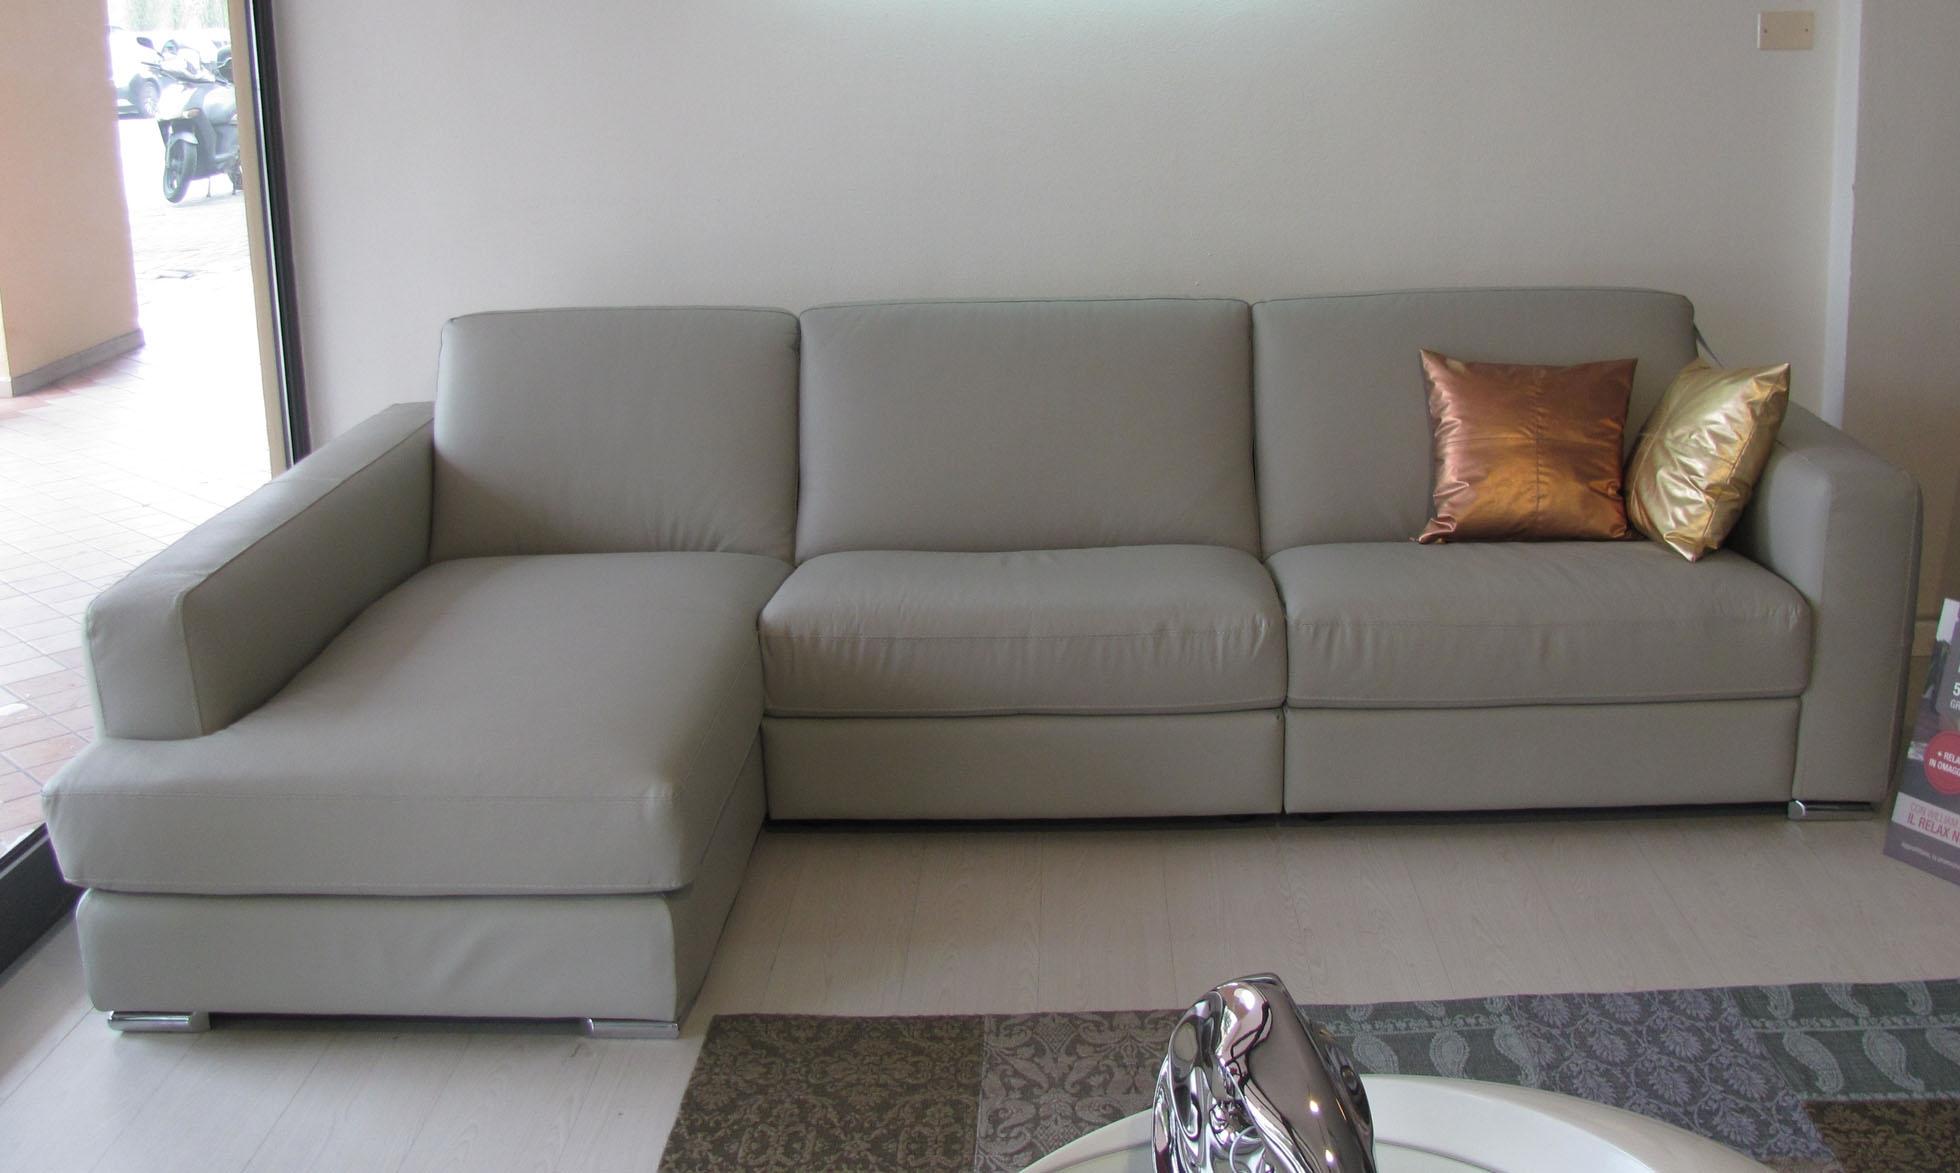 Divano doimo sofas dylan scontato del 60 divani a - Doimo divani letto ...